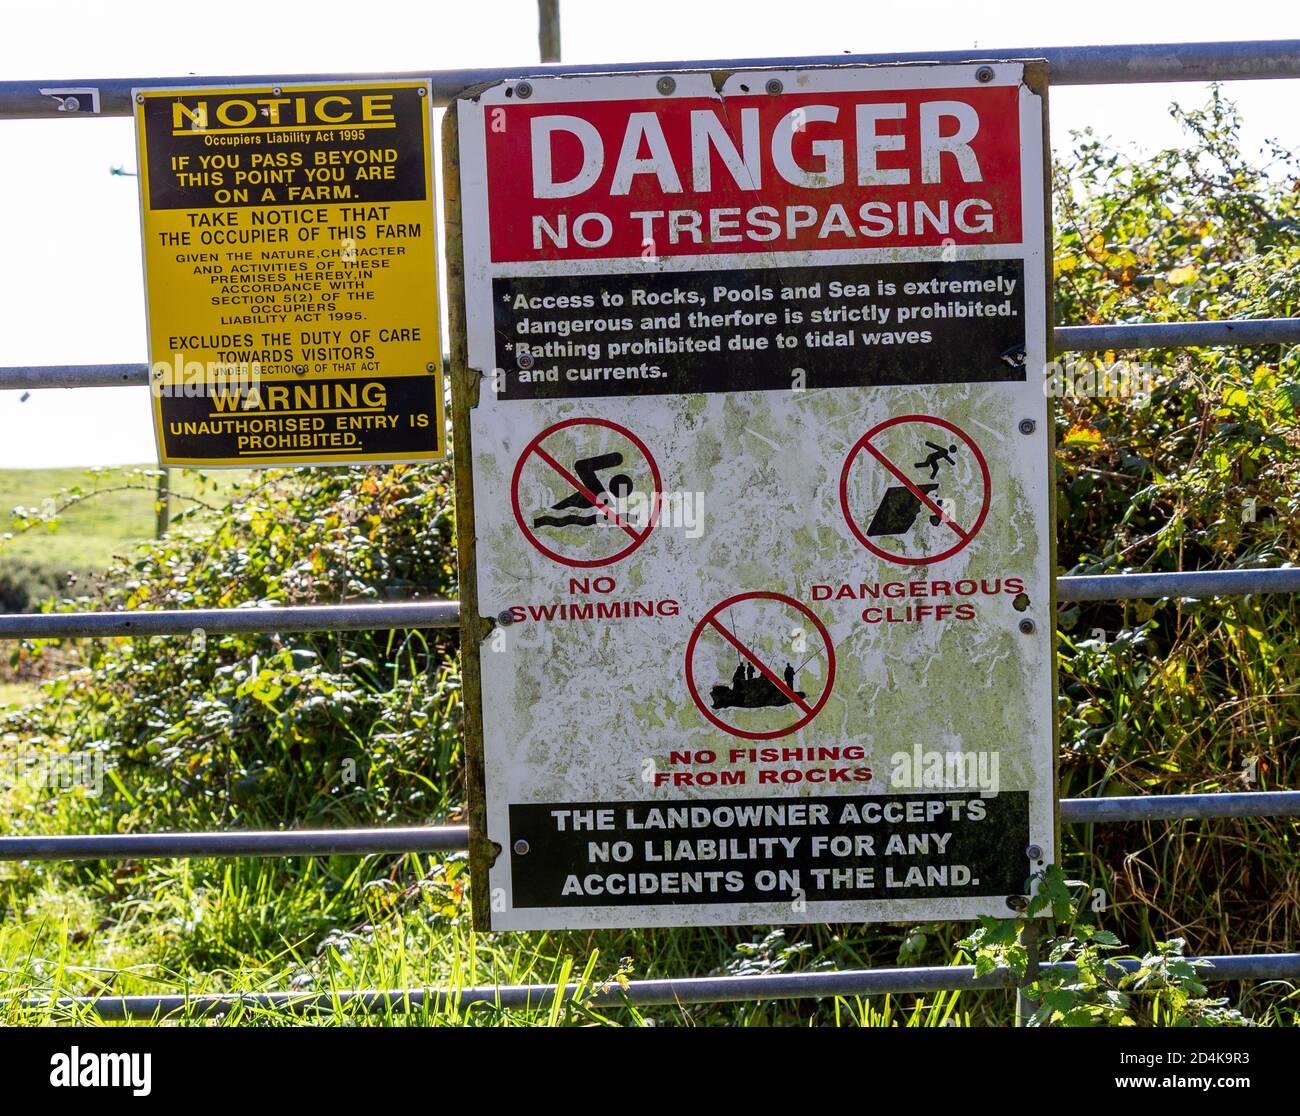 warning-no-trespassing-sign-on-farm-gate-2D4K9R3.jpg